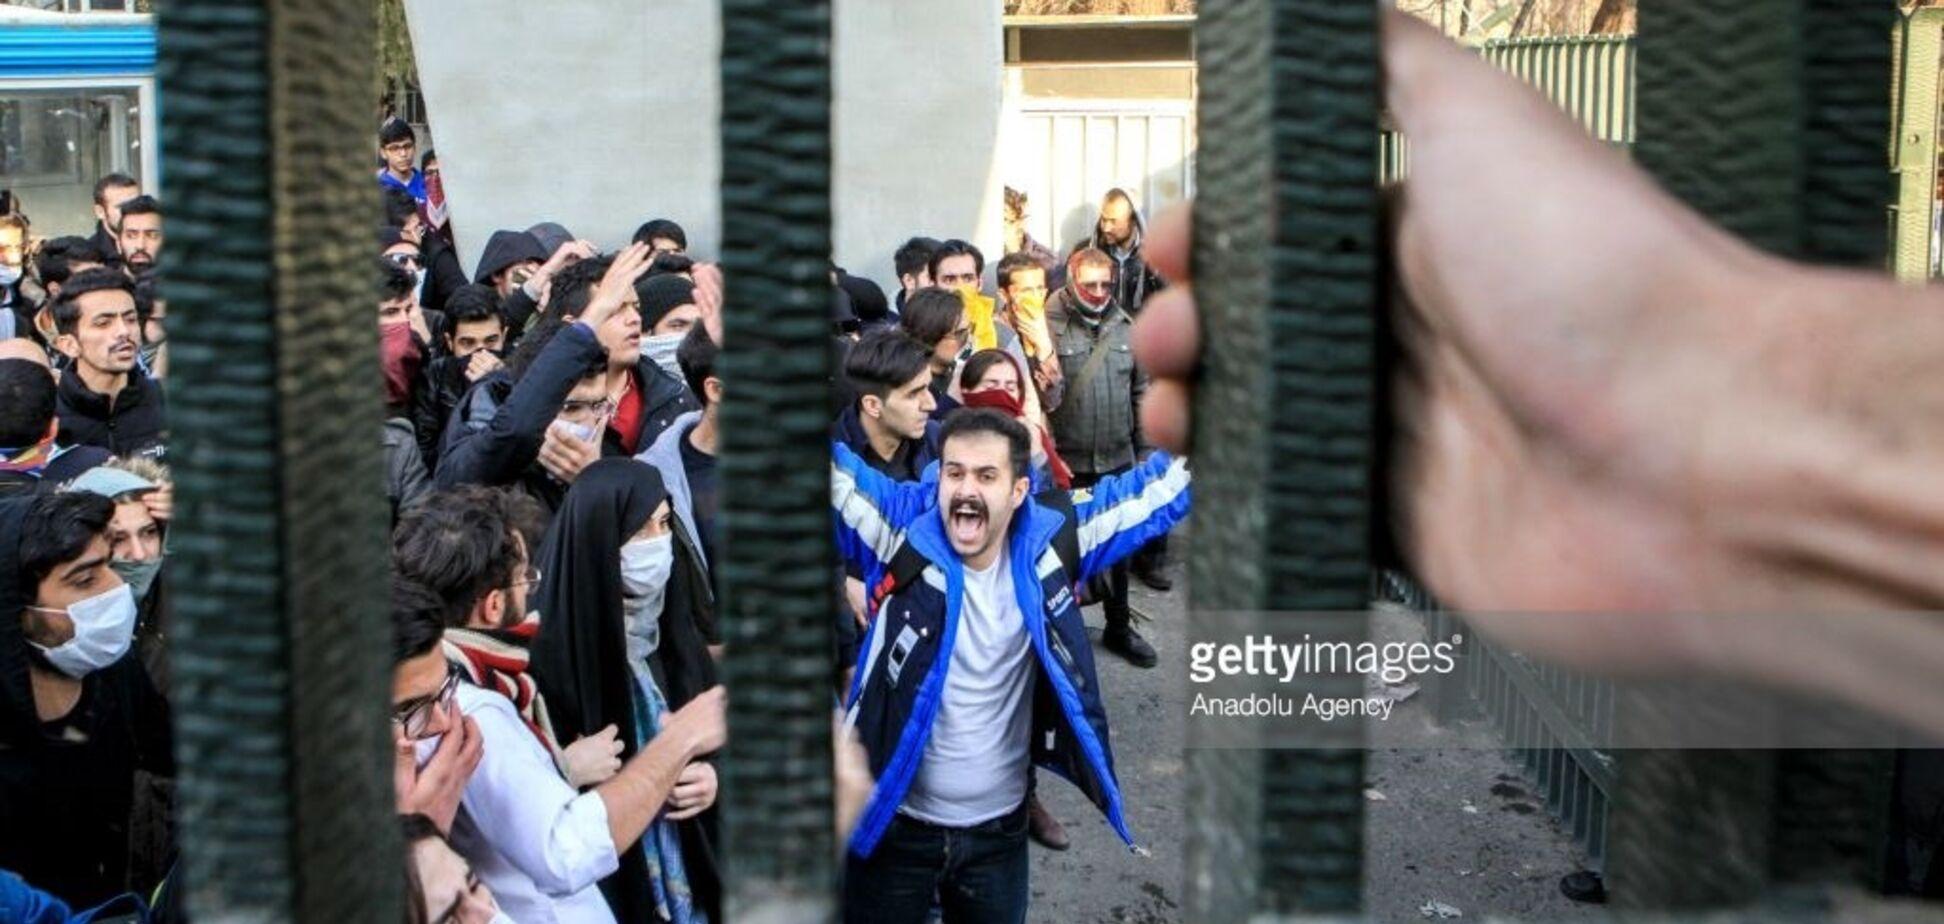 Революції не буде: протестам в Ірані винесли сумний 'вирок'